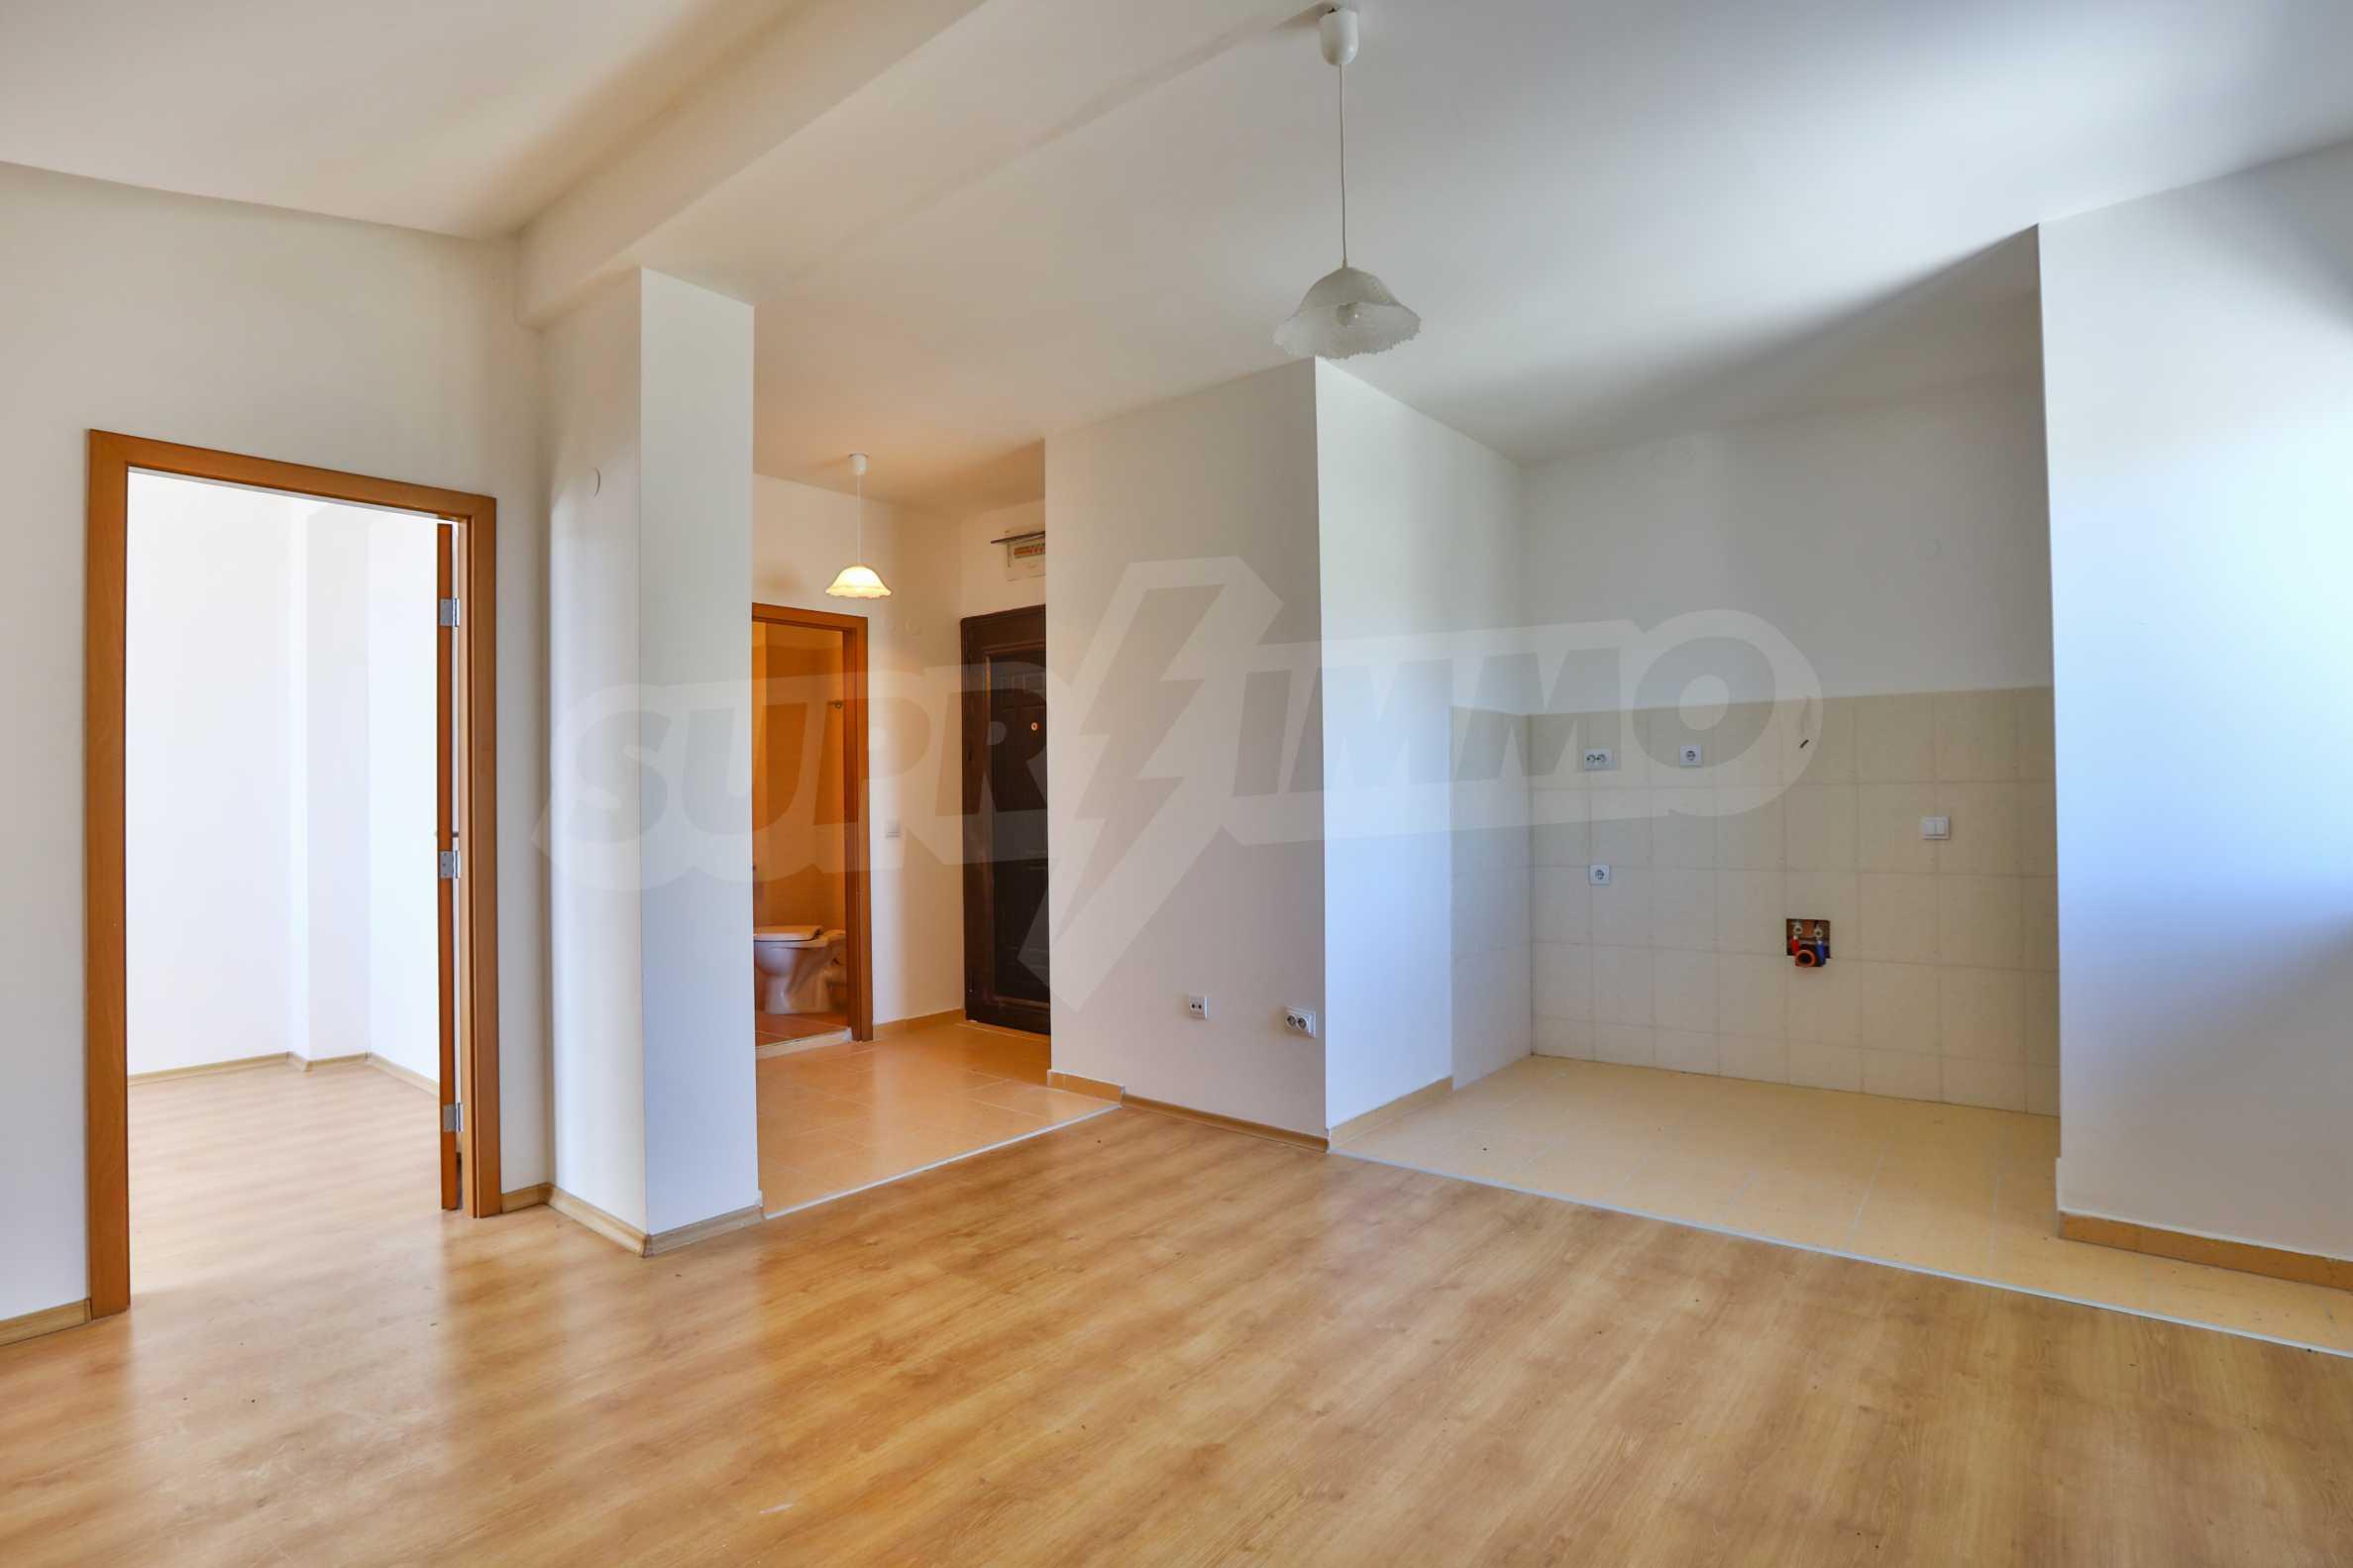 Първокласни апартаменти за продажба на метри от писта Ястребец в Боровец 5